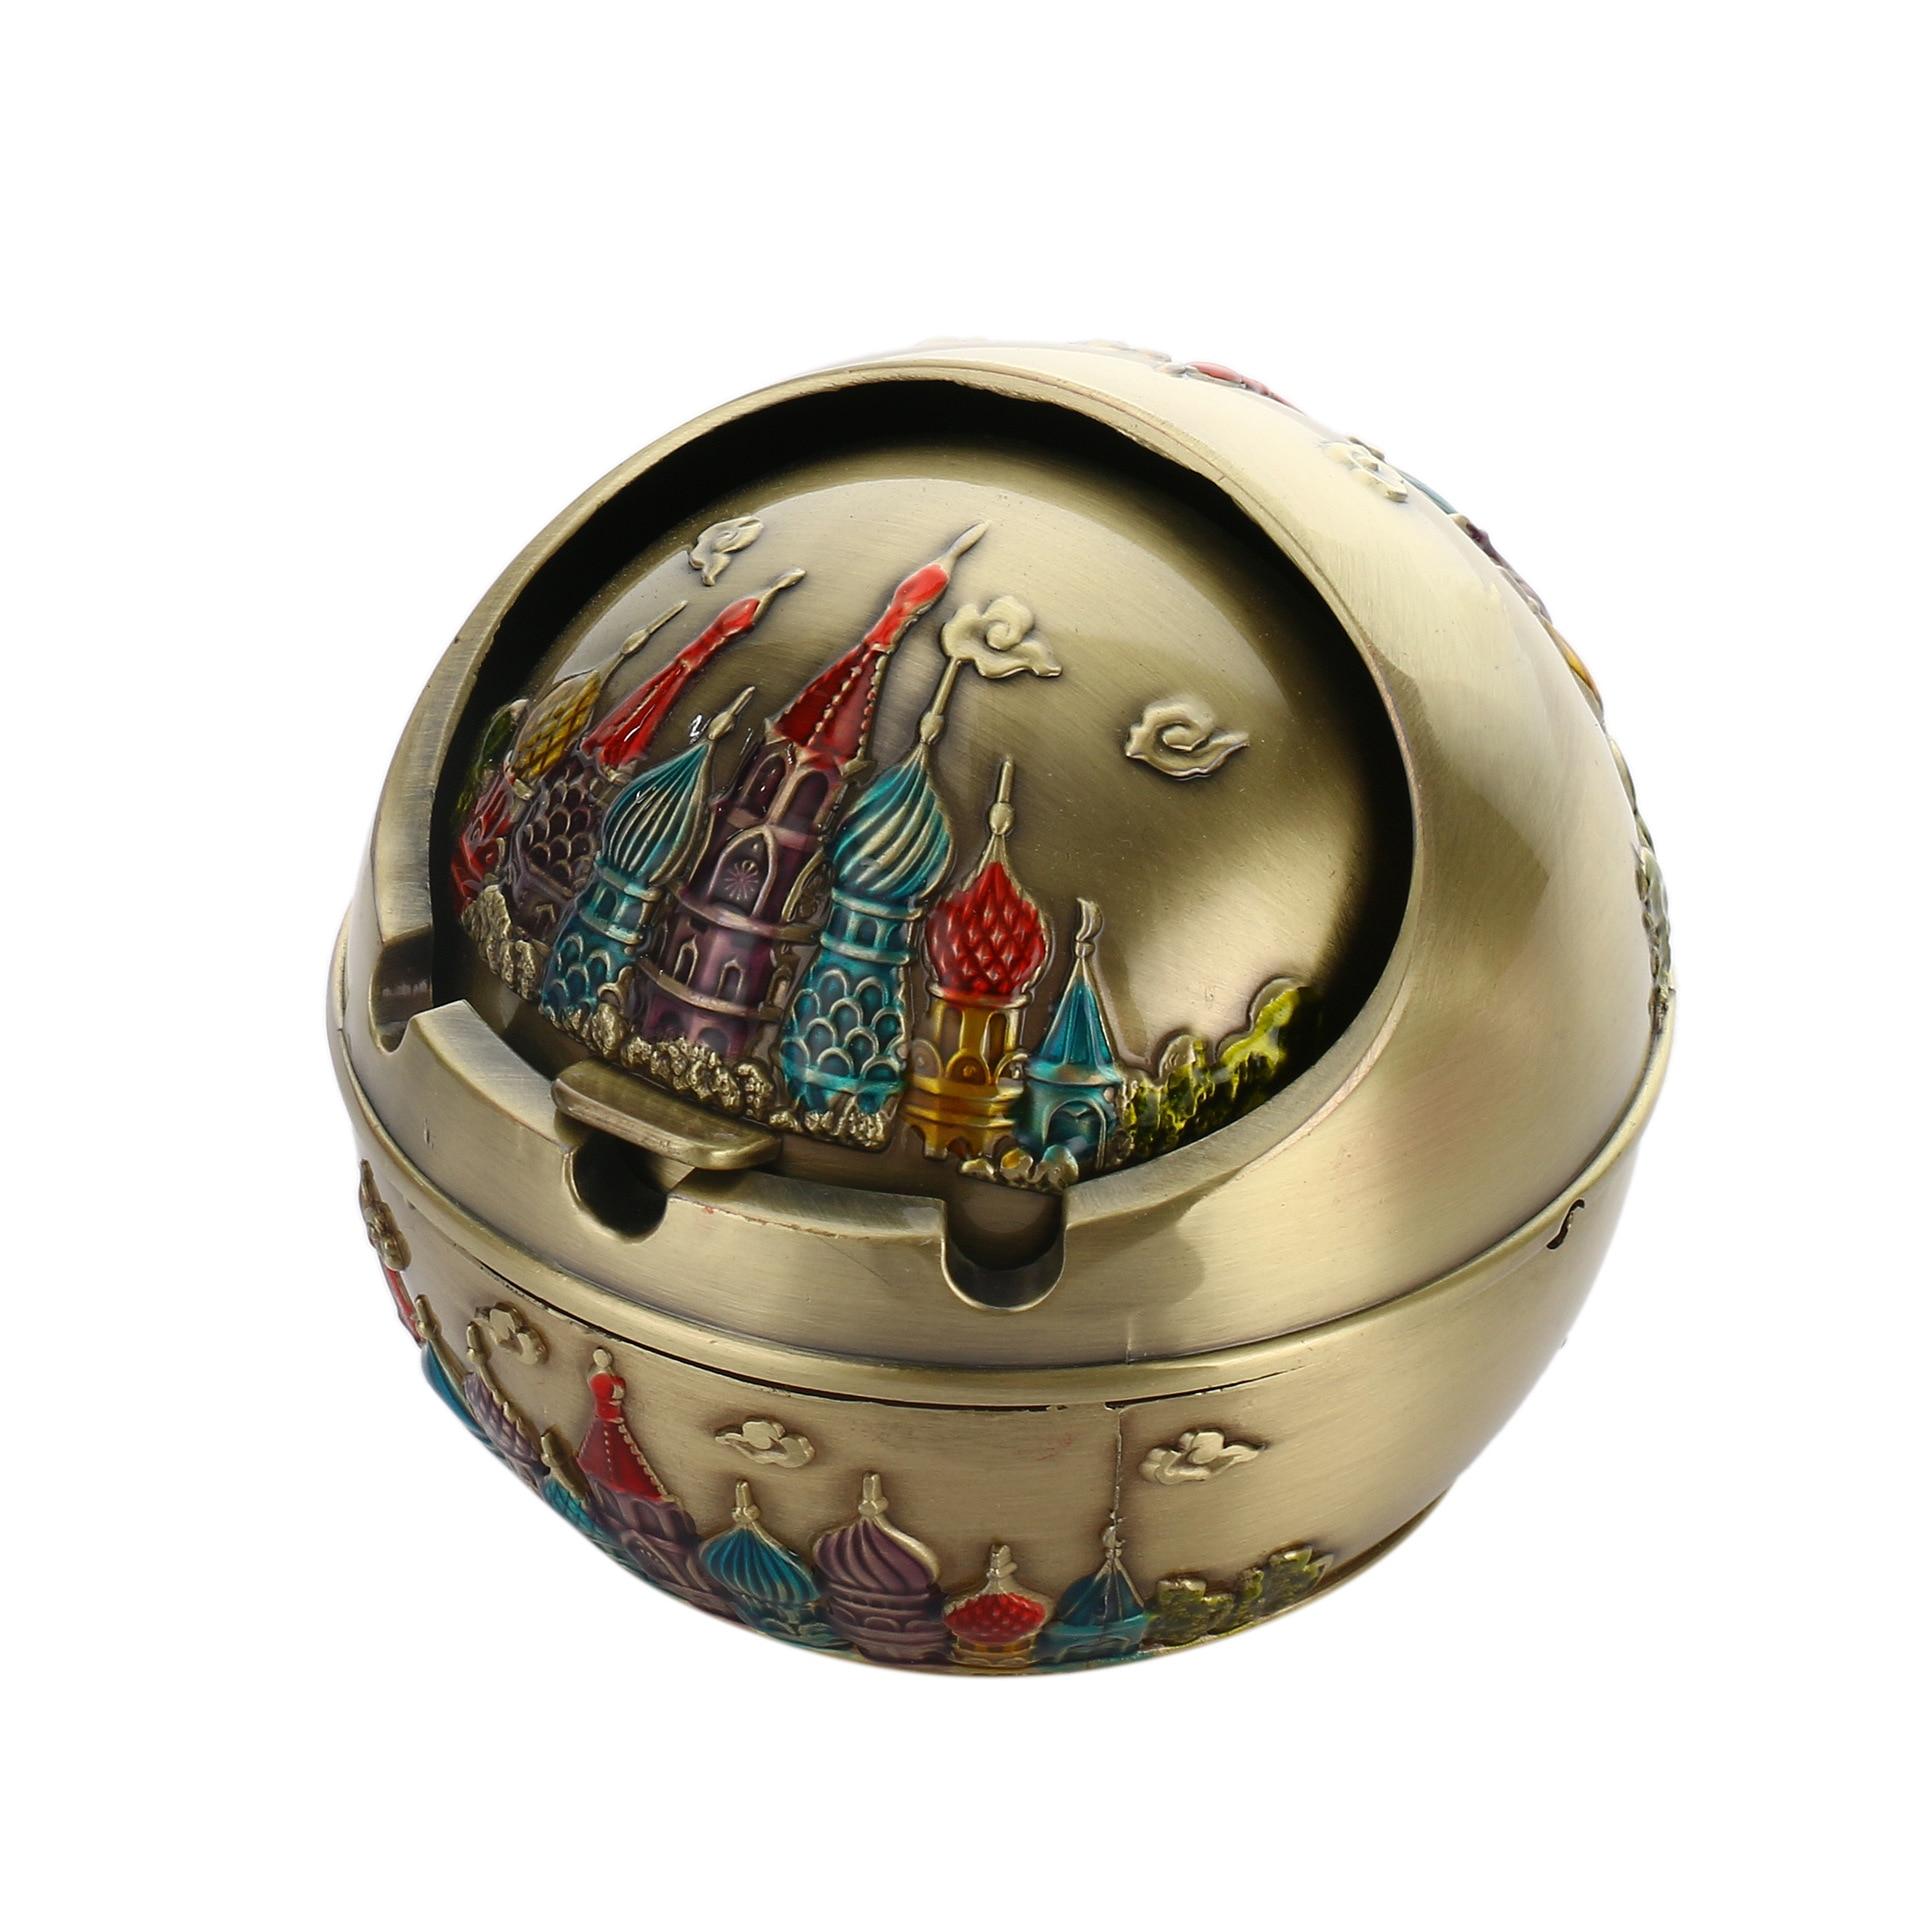 Popielniczka z rosyjskim zamkiem z kulkami, Zapalniczki i akcesoria - Artykuły gospodarstwa domowego